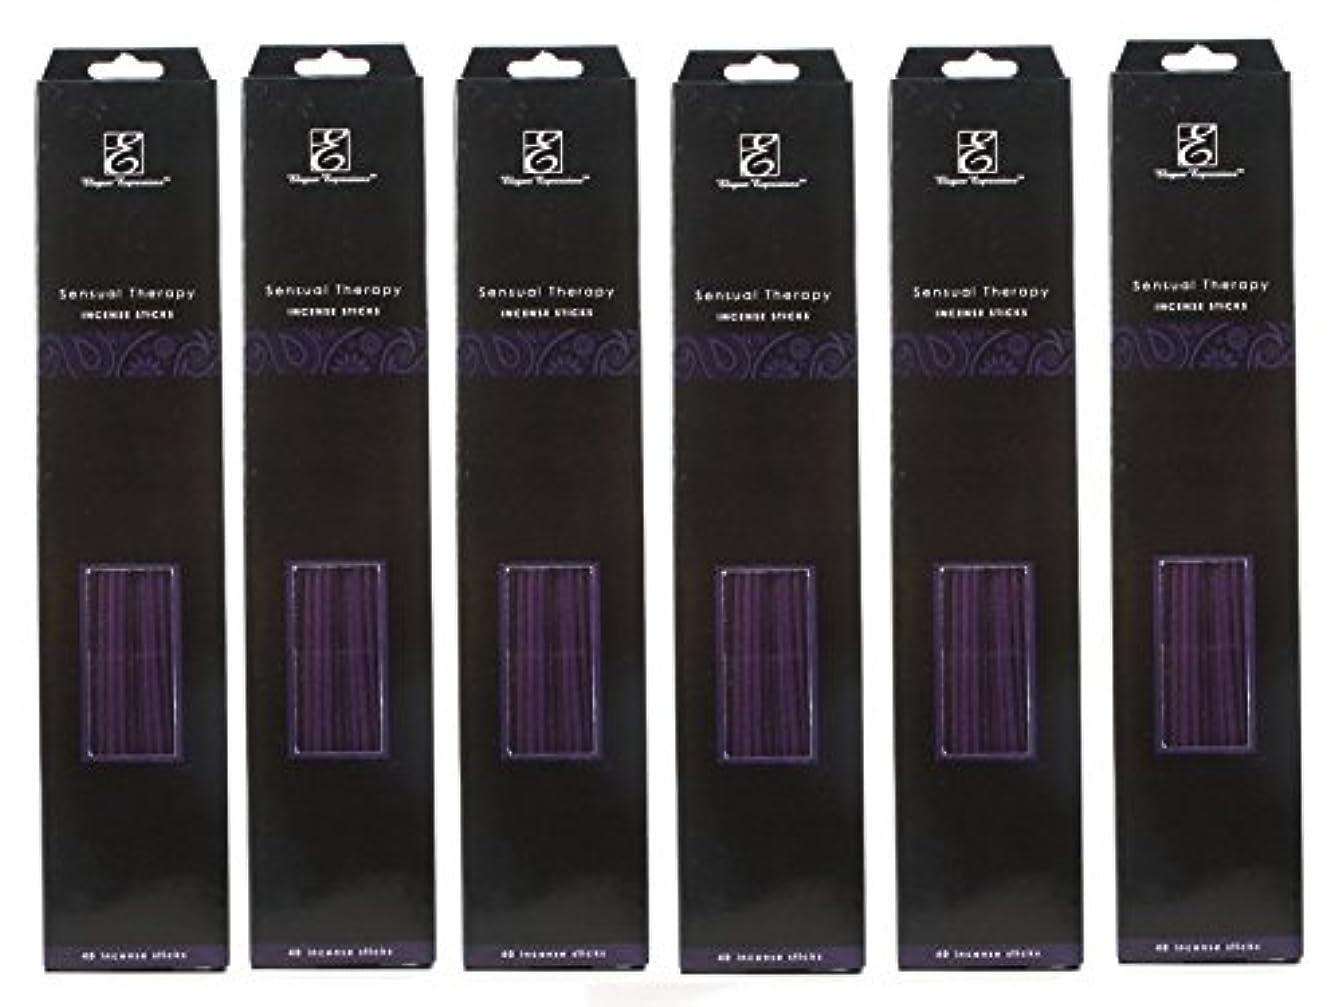 エントリクレア彼はHosley 's Highly Fragranced官能的療法Incense Sticks 240パック、Infused with Essential Oils。Ideal For結婚式、イベント、アロマセラピー、Spa...